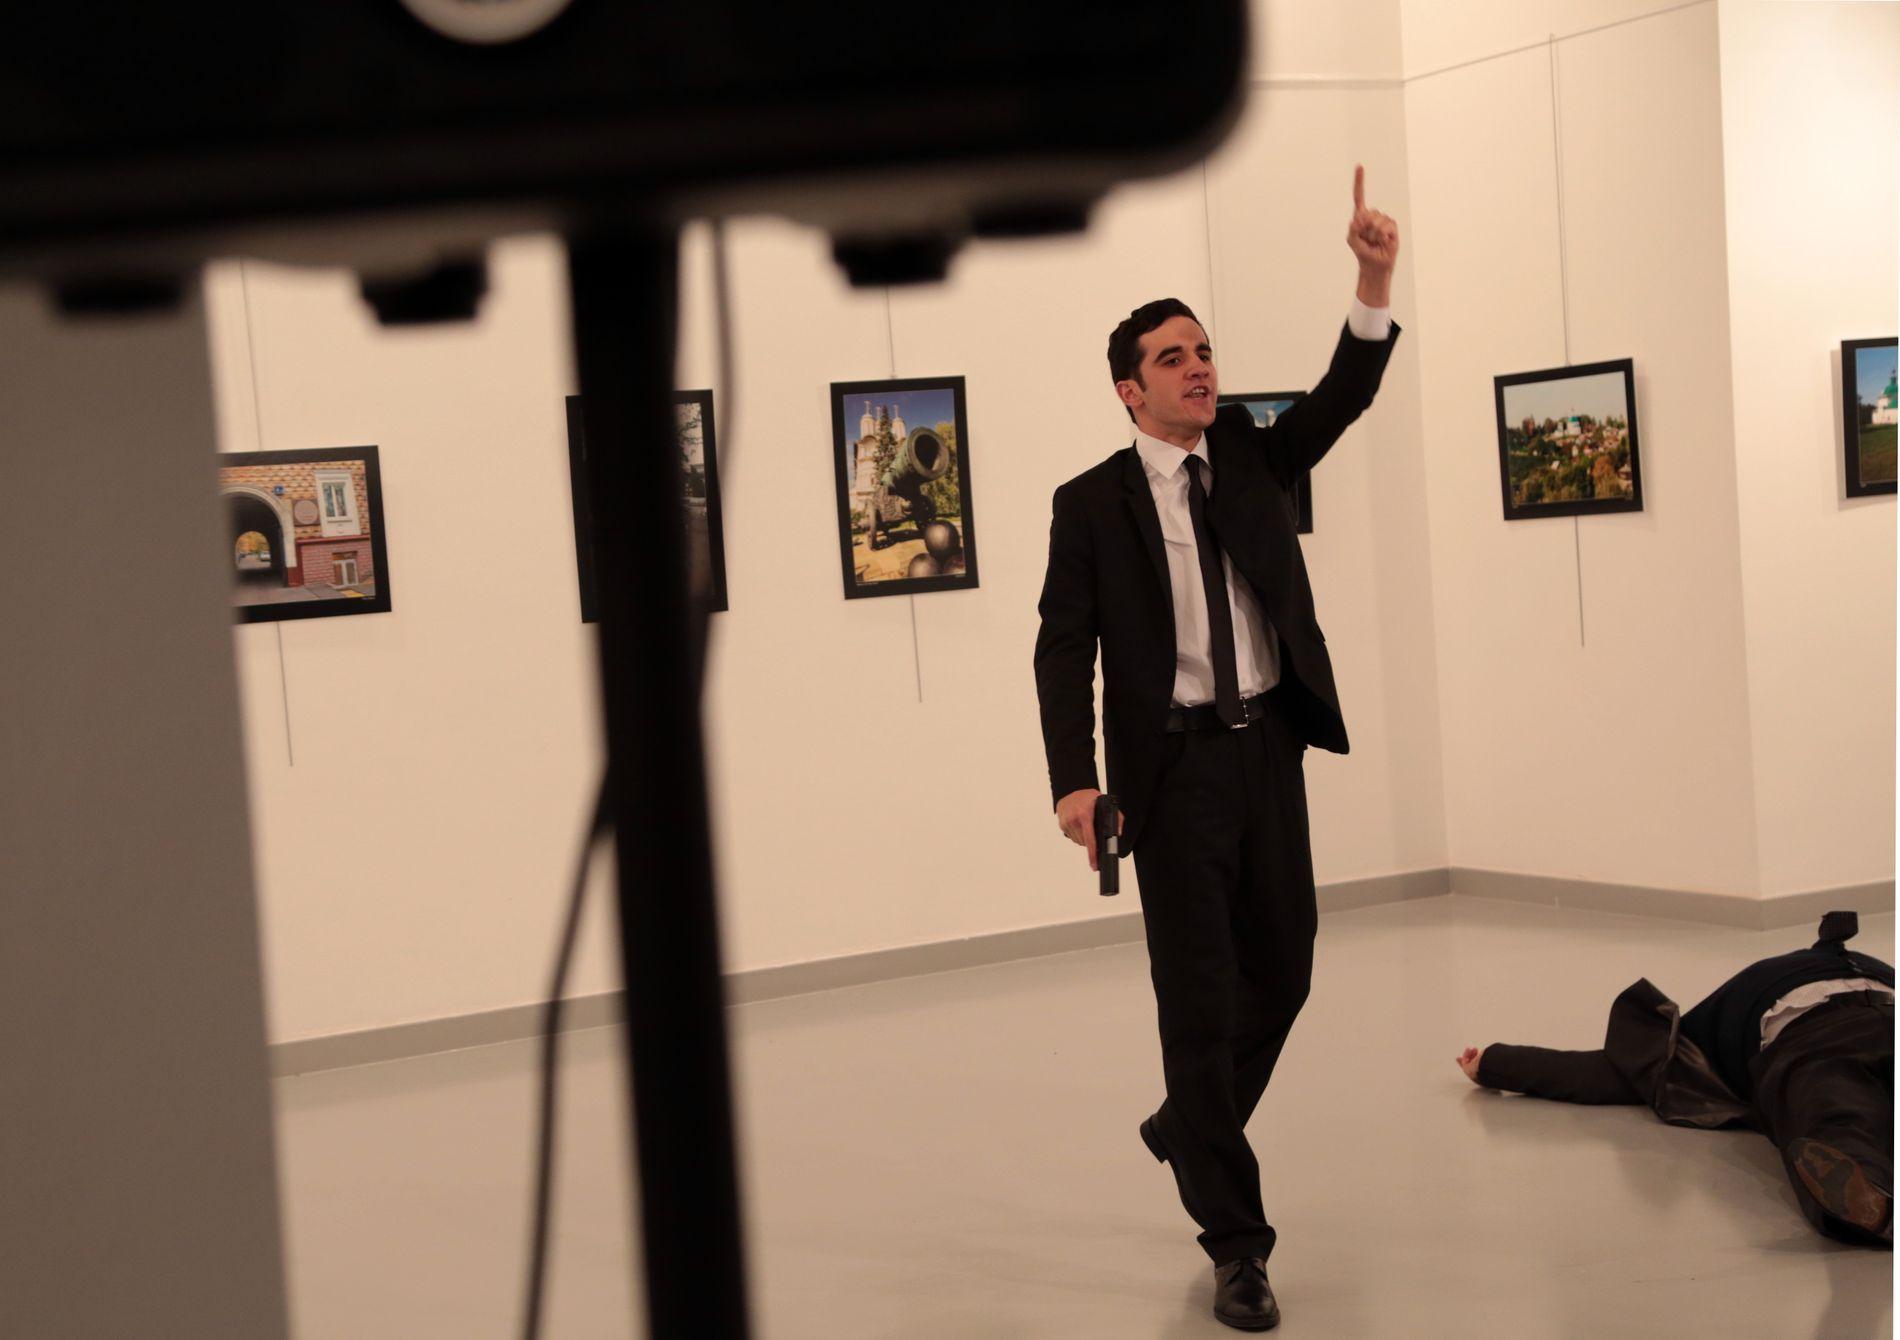 SKUTT: På gulvet ligger ifølge nyhetsbyrået AP den russiske ambassadøren Andrej Karlov. Mannen med pistolen er skytteren, melder flere medier.